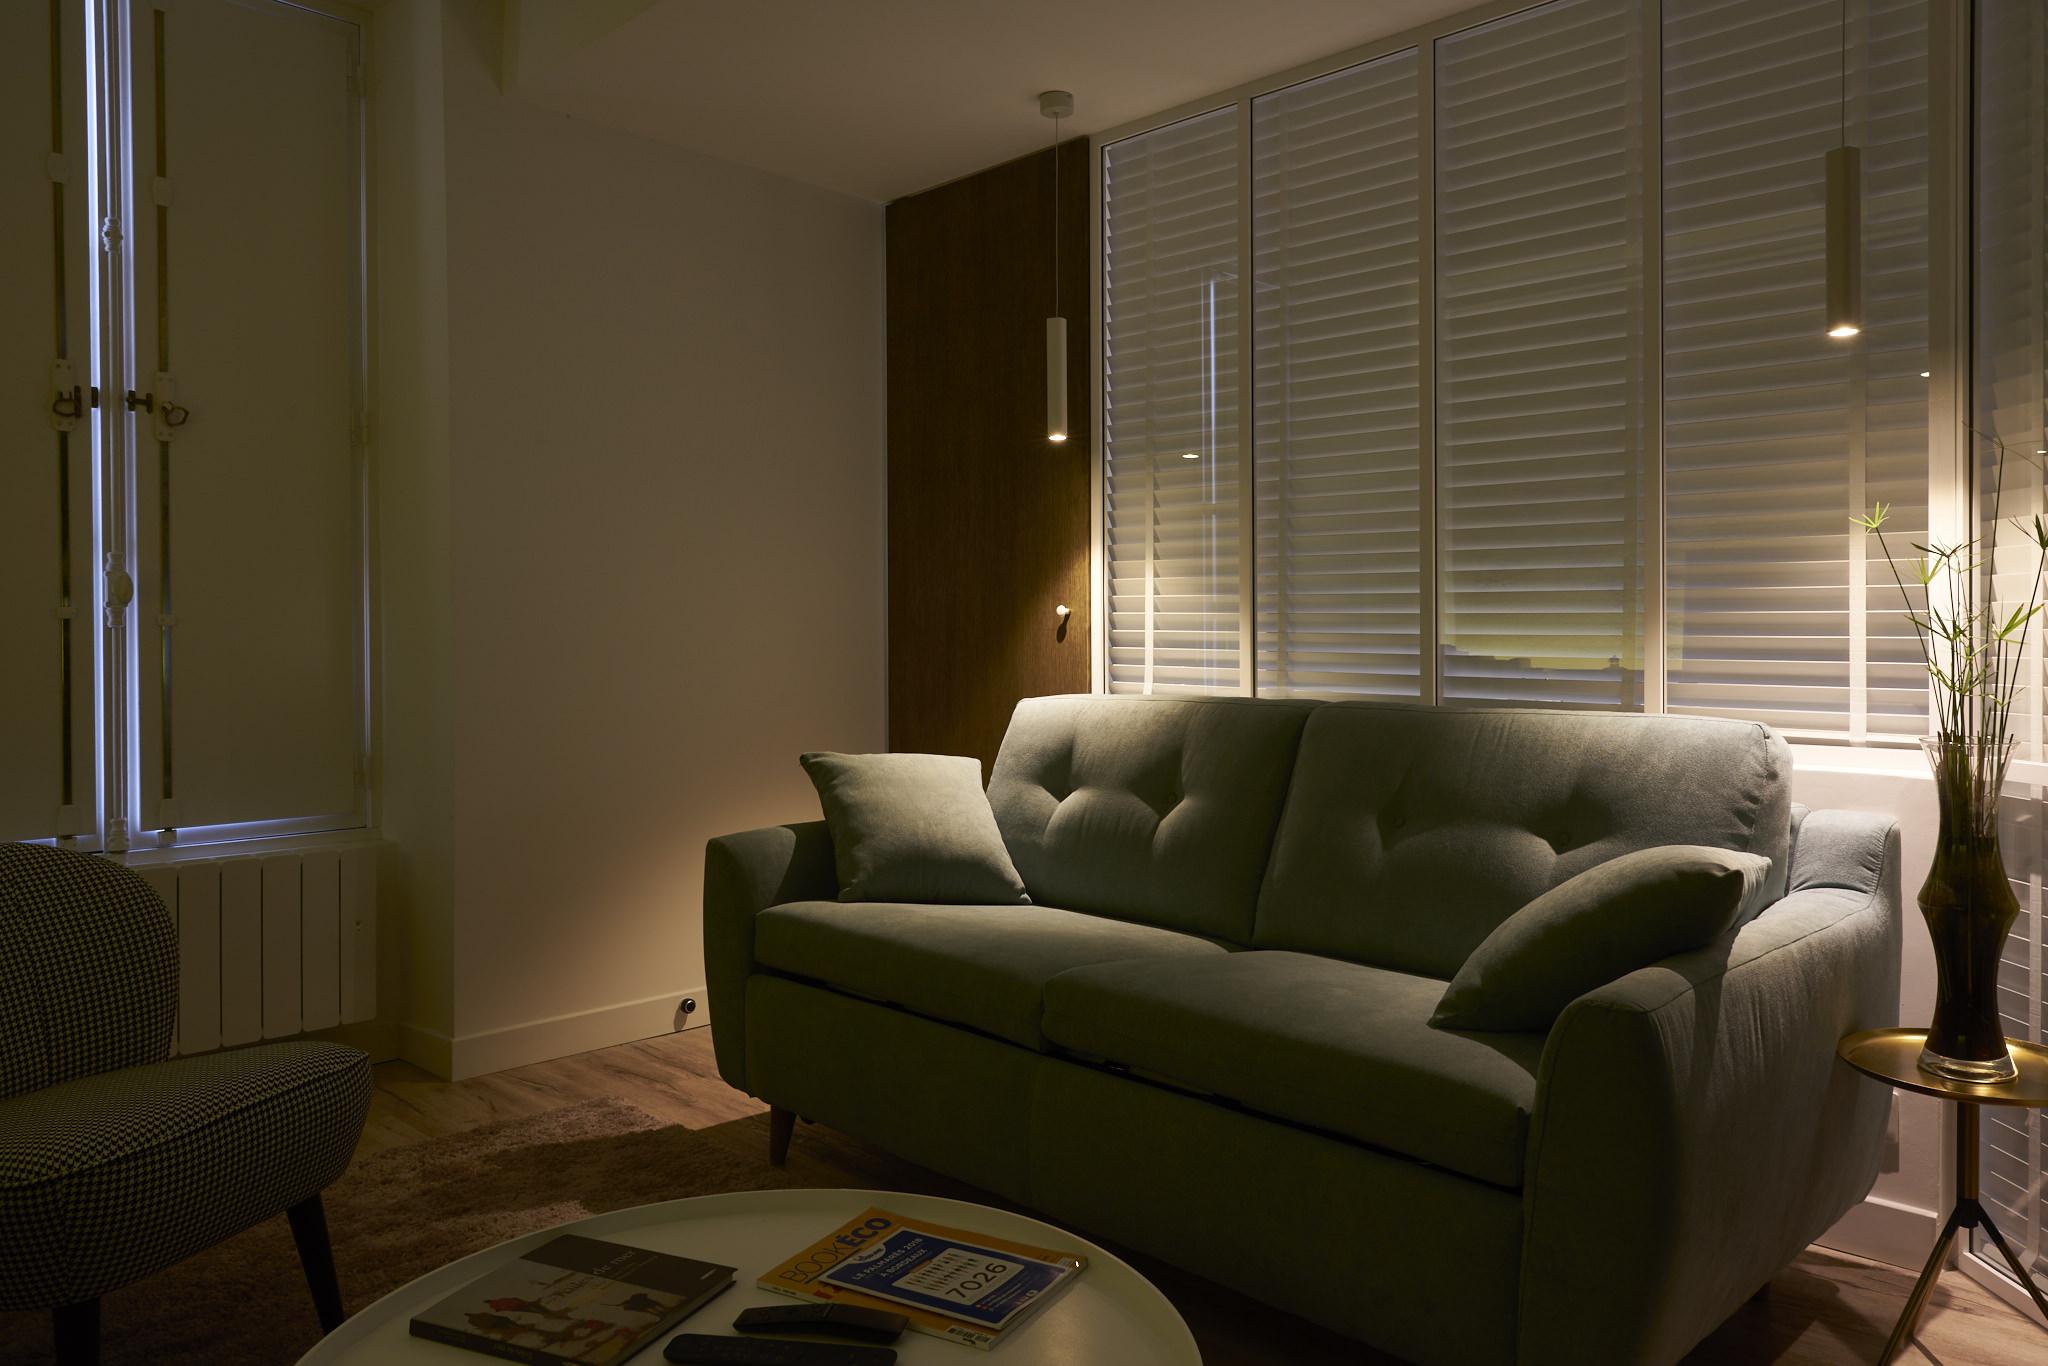 Salon - Ambiance - Appartement - Bordeaux - Thierry Pousset - Photographe professionnel - Design - photo immobilière